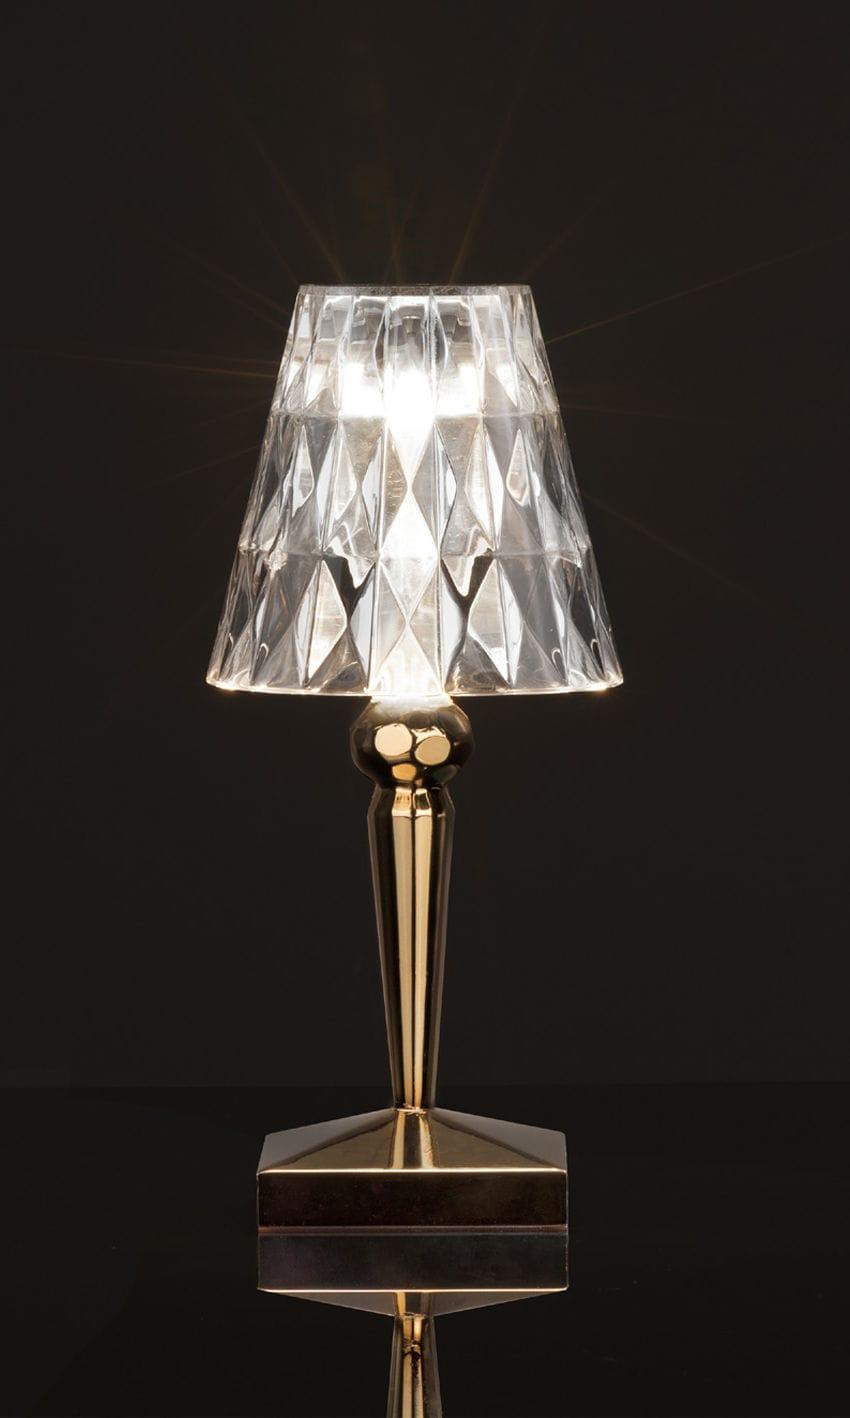 4284 9002557 Résultat Supérieur 15 Bon Marché Lampe Design Kartell Galerie 2017 Ldkt